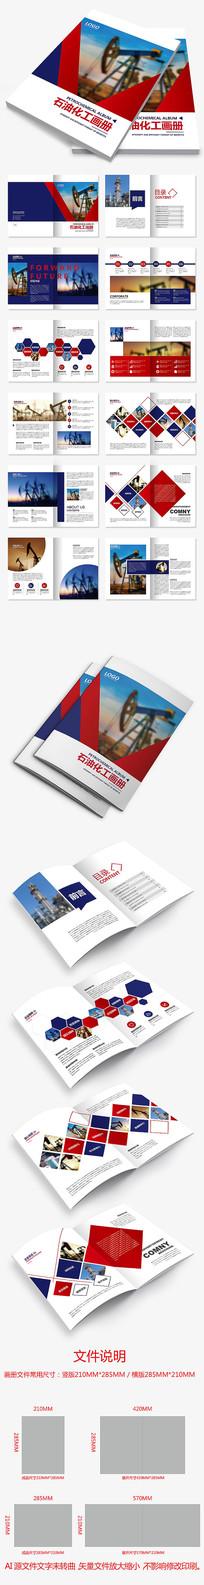 红蓝中石油中石化勘探能源科技探钻井画册